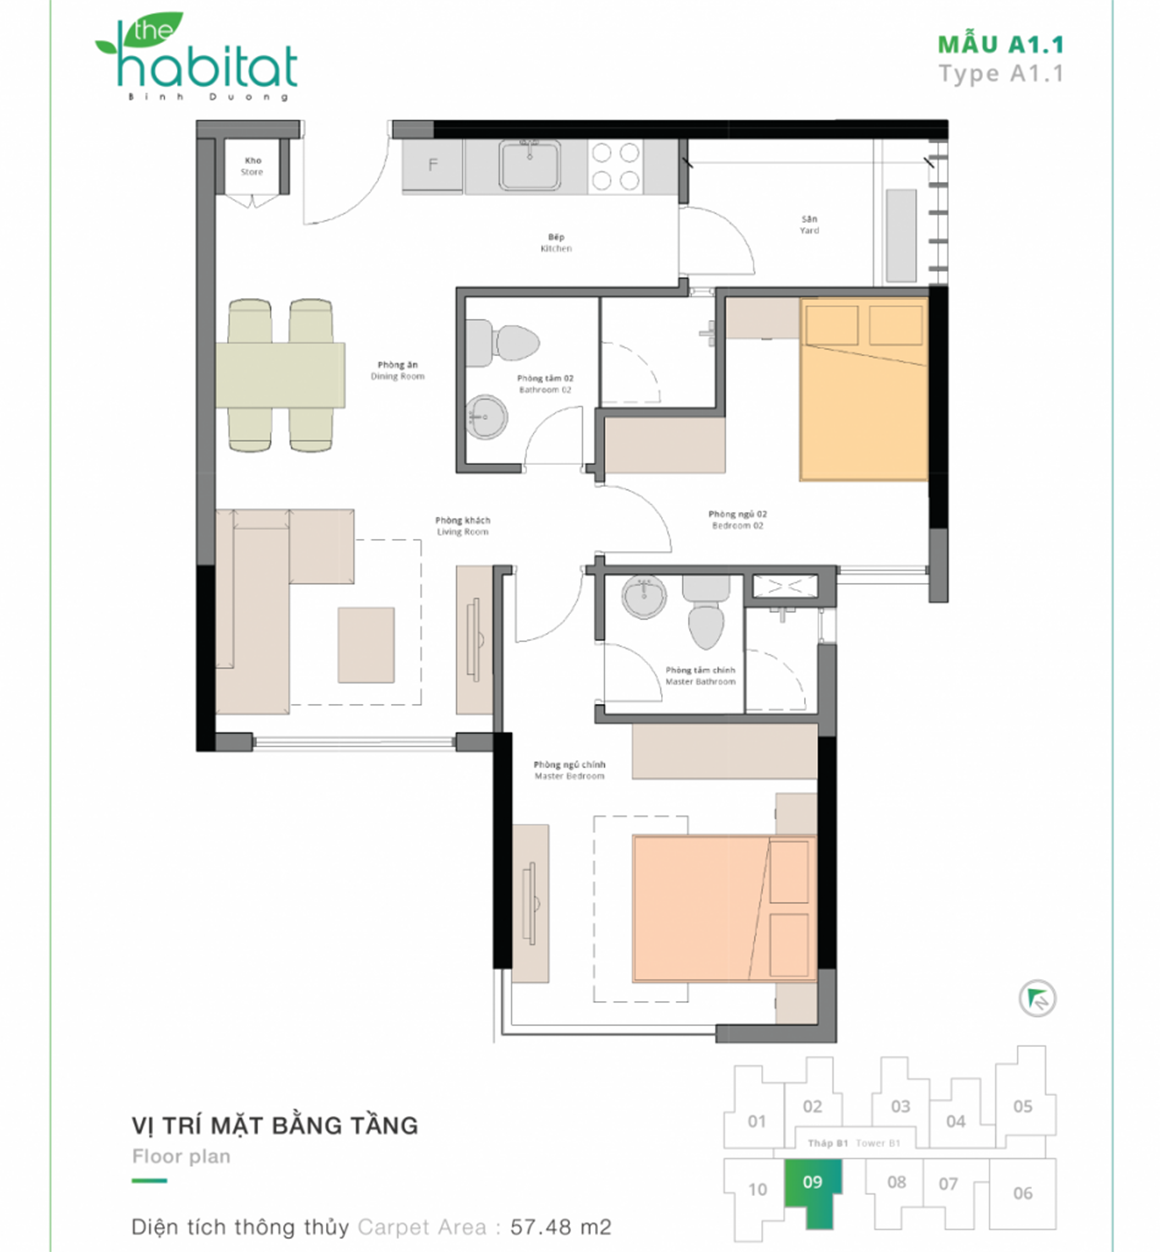 Thiết kế dự án The Habitat Mẫu A1.1